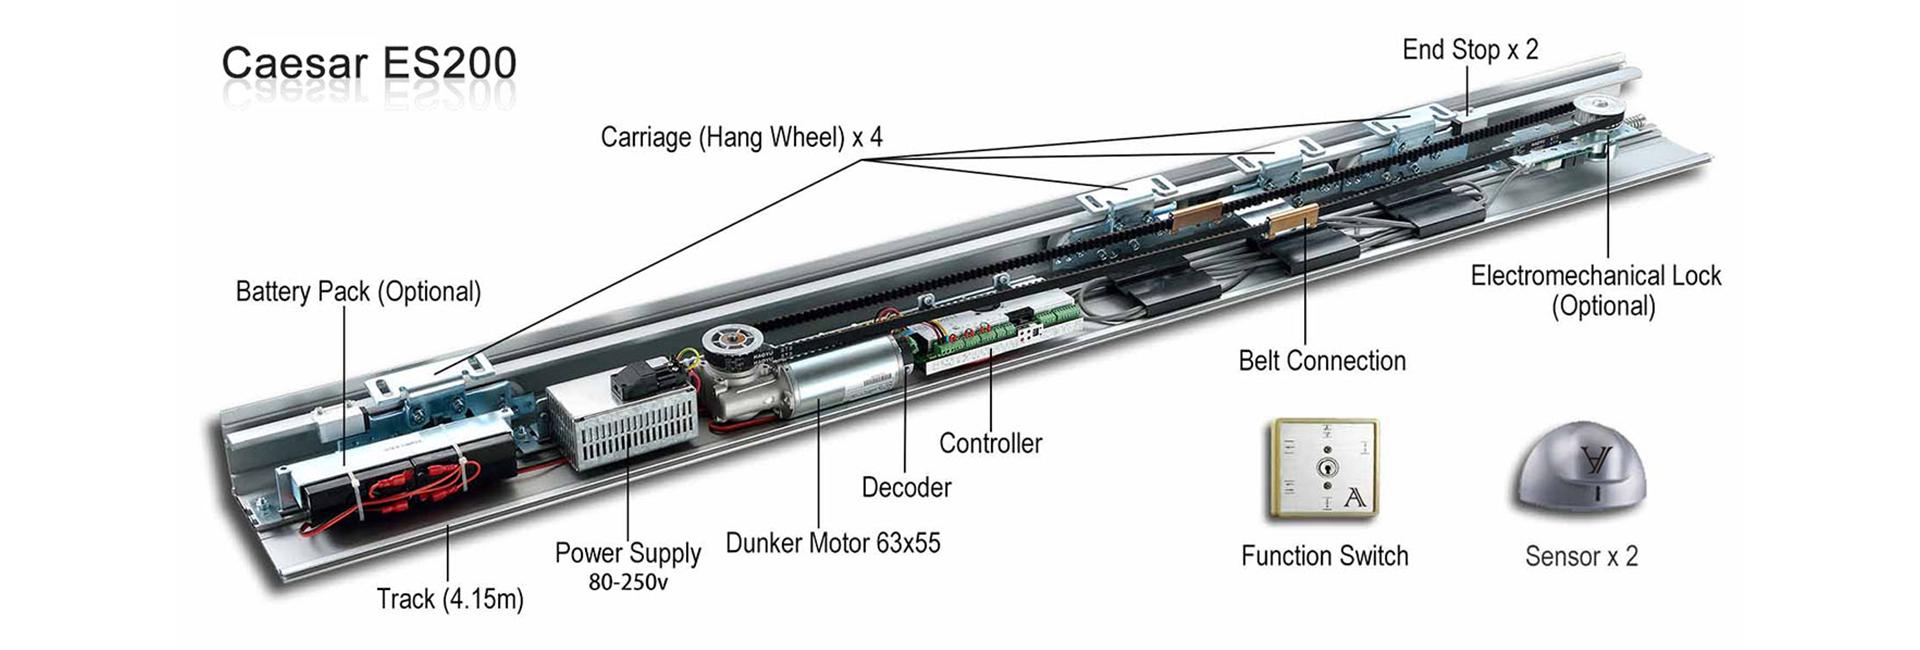 符合欧洲工业安全标准EN16005:2012的高端自动门机组